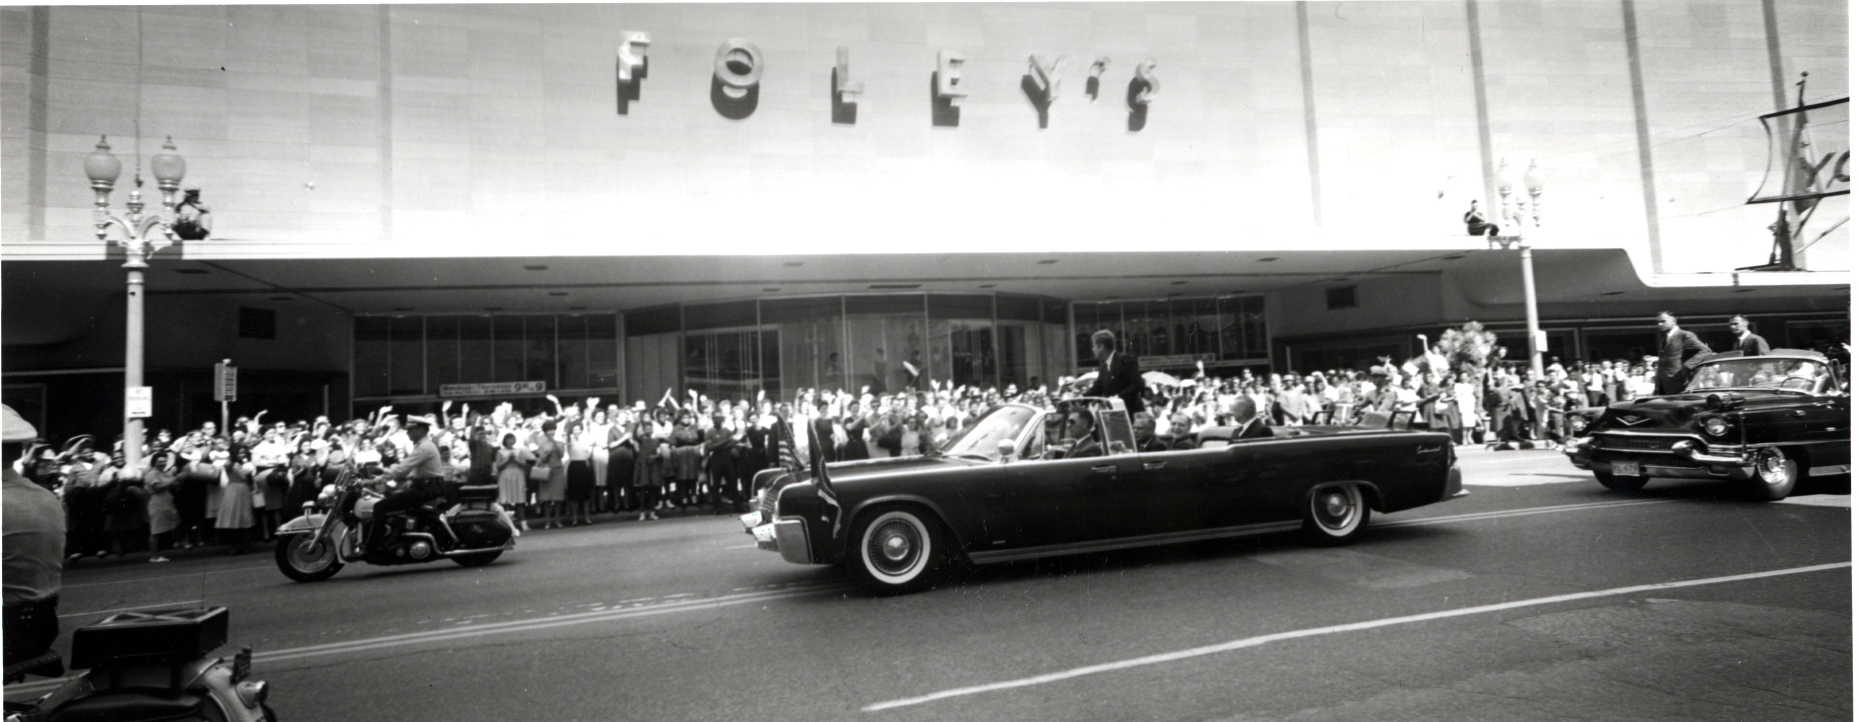 Demolition Of Old Foley S Building Stirs Cold War Memories